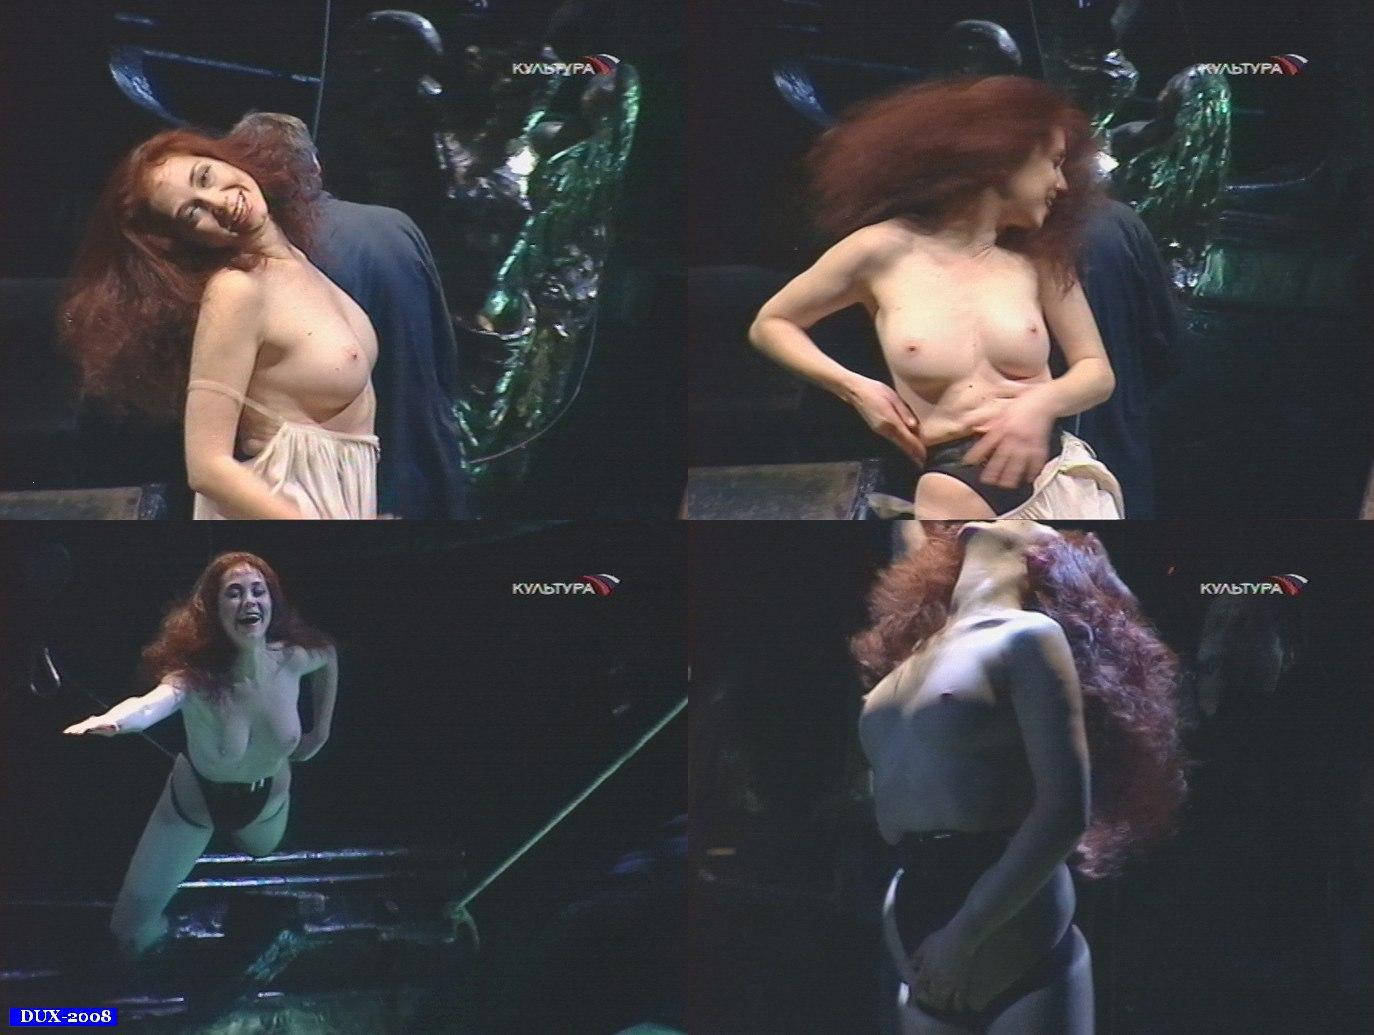 Театр в москве секс порно на сцене 12 фотография